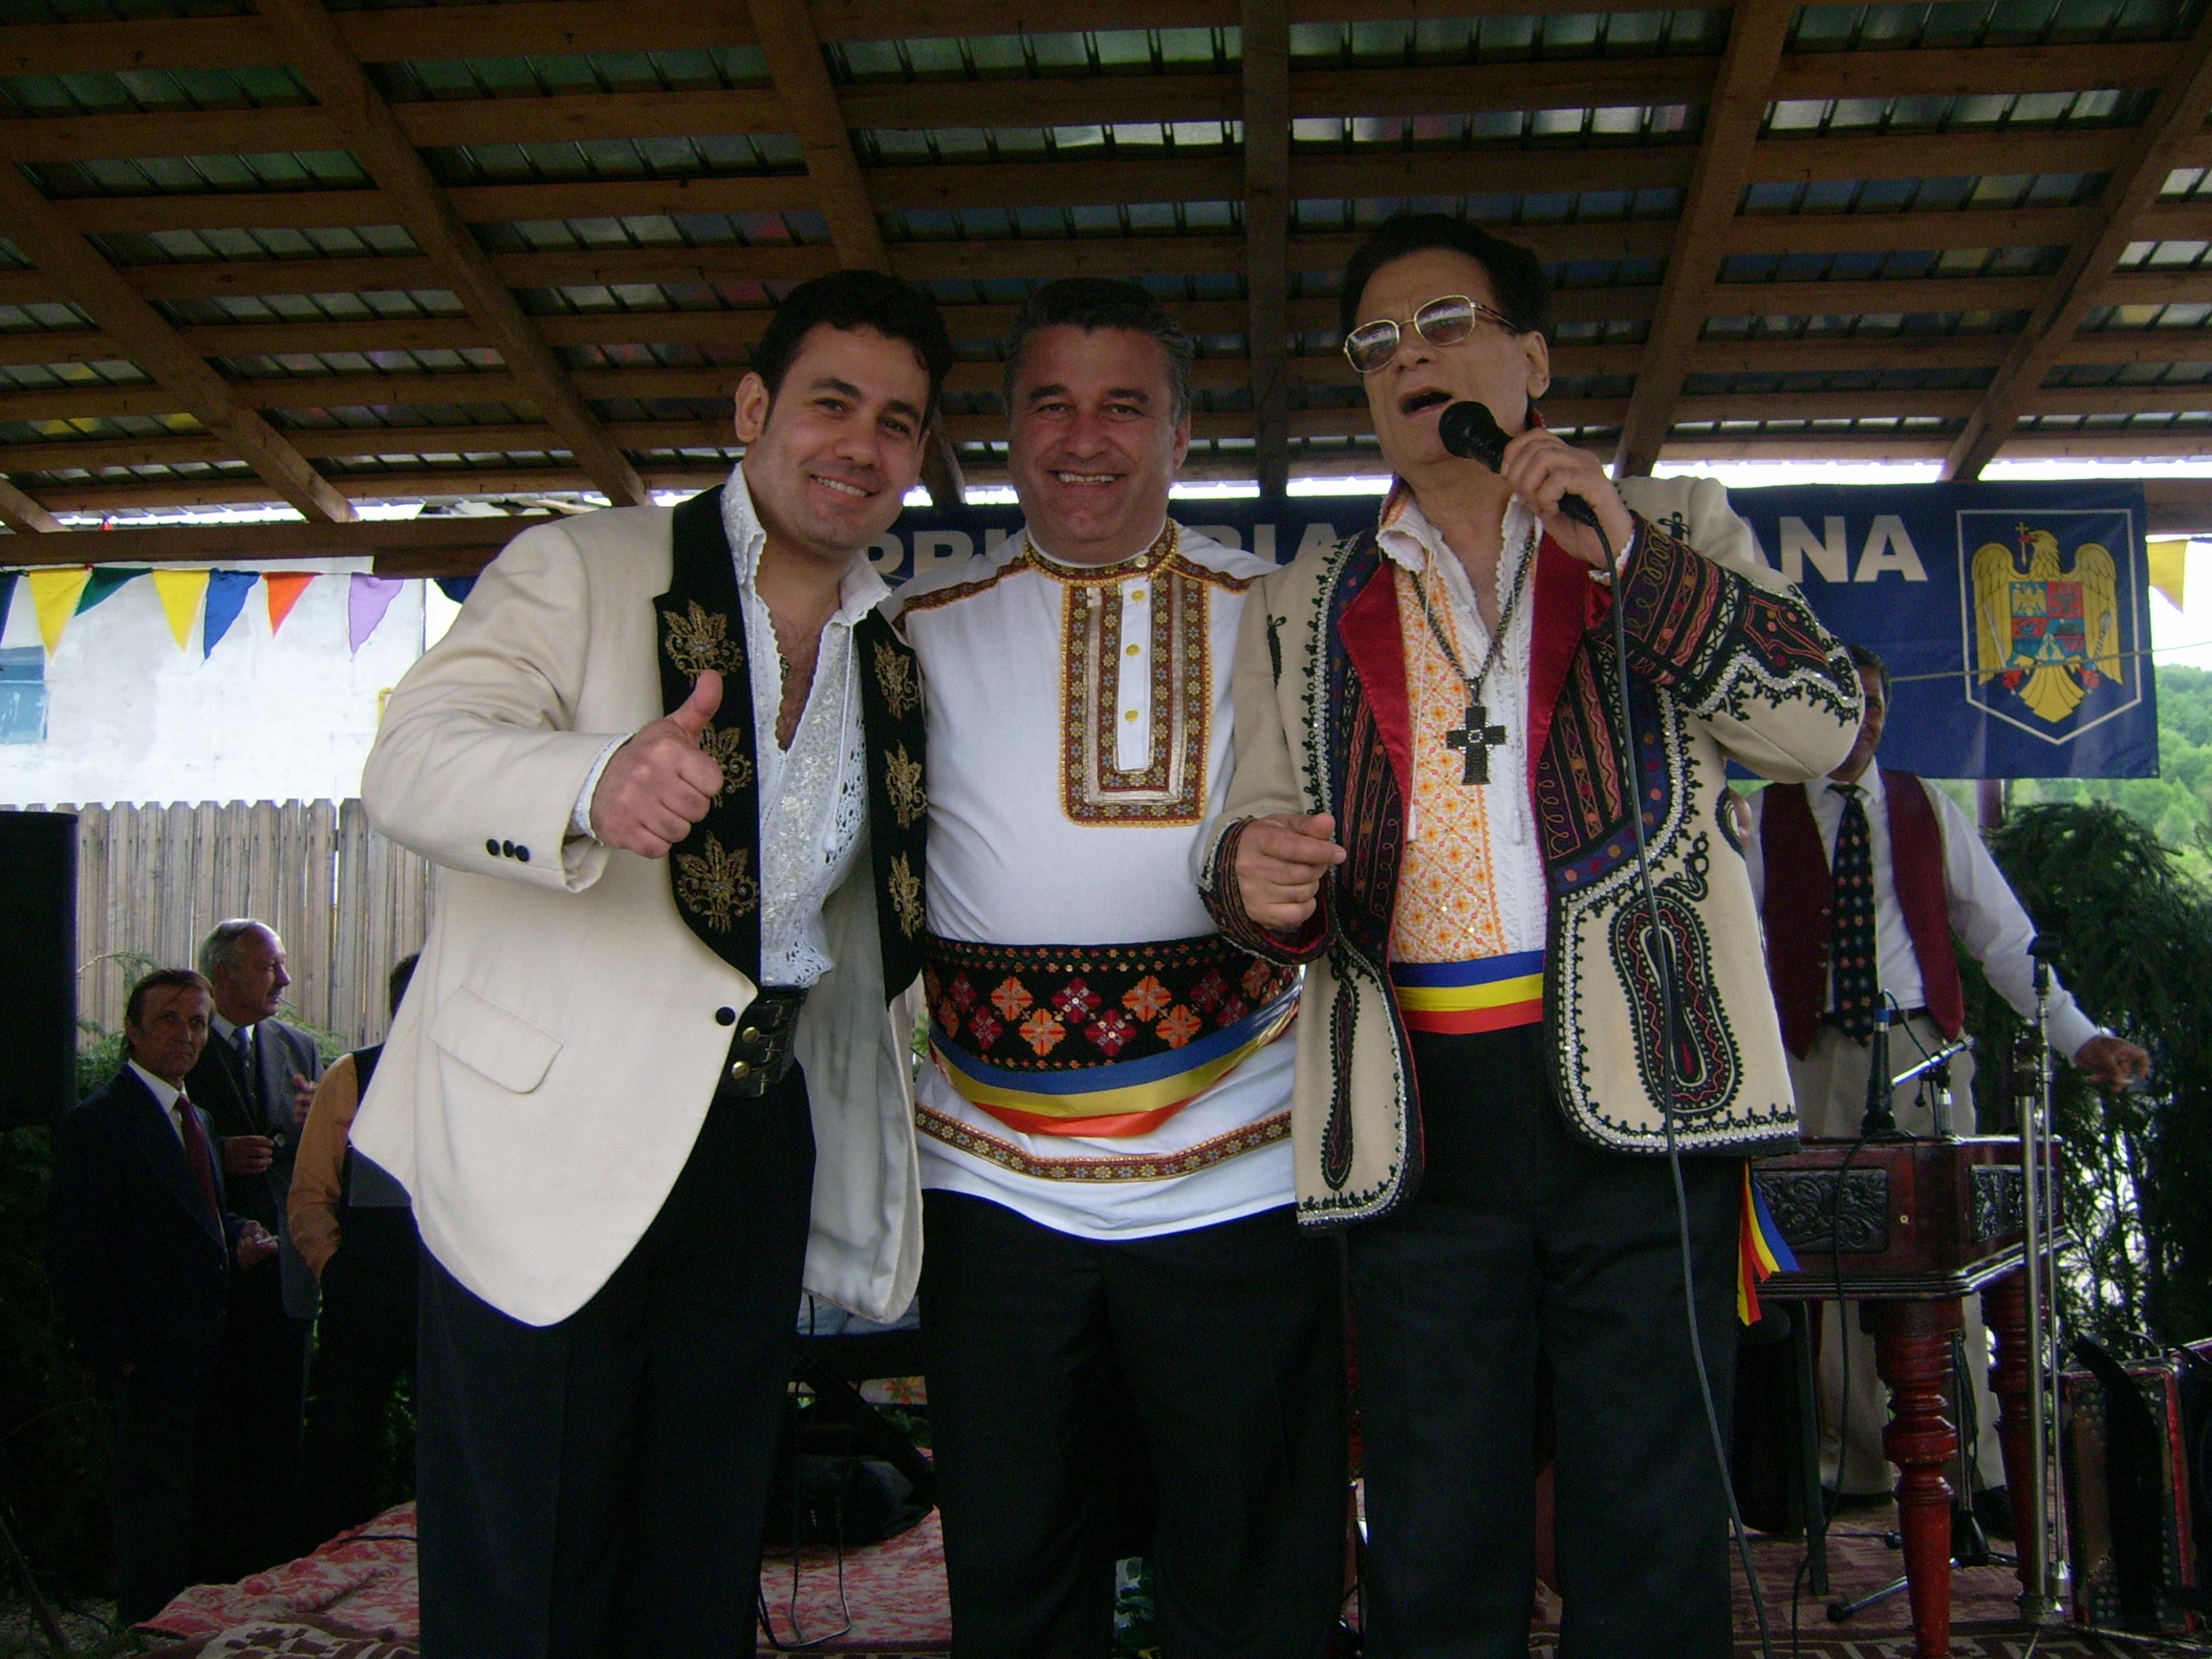 cei trei artisti-primarul ionut si ion dolanescu la sarbatoarea de paste